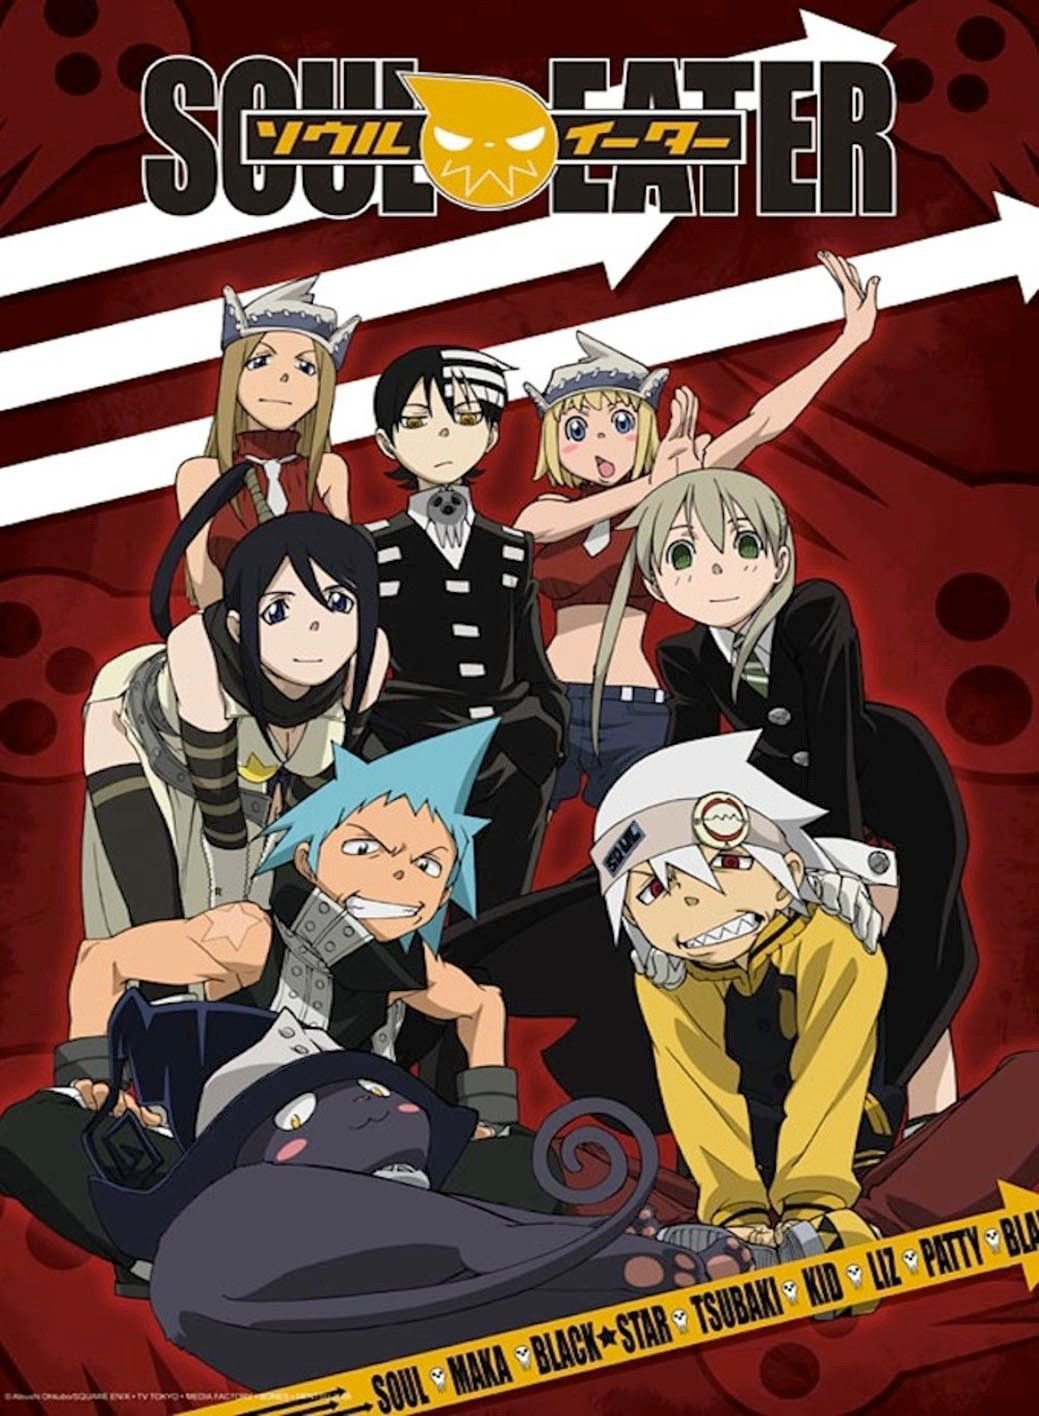 Soul Eater Anime Art 32x24 Poster Decor